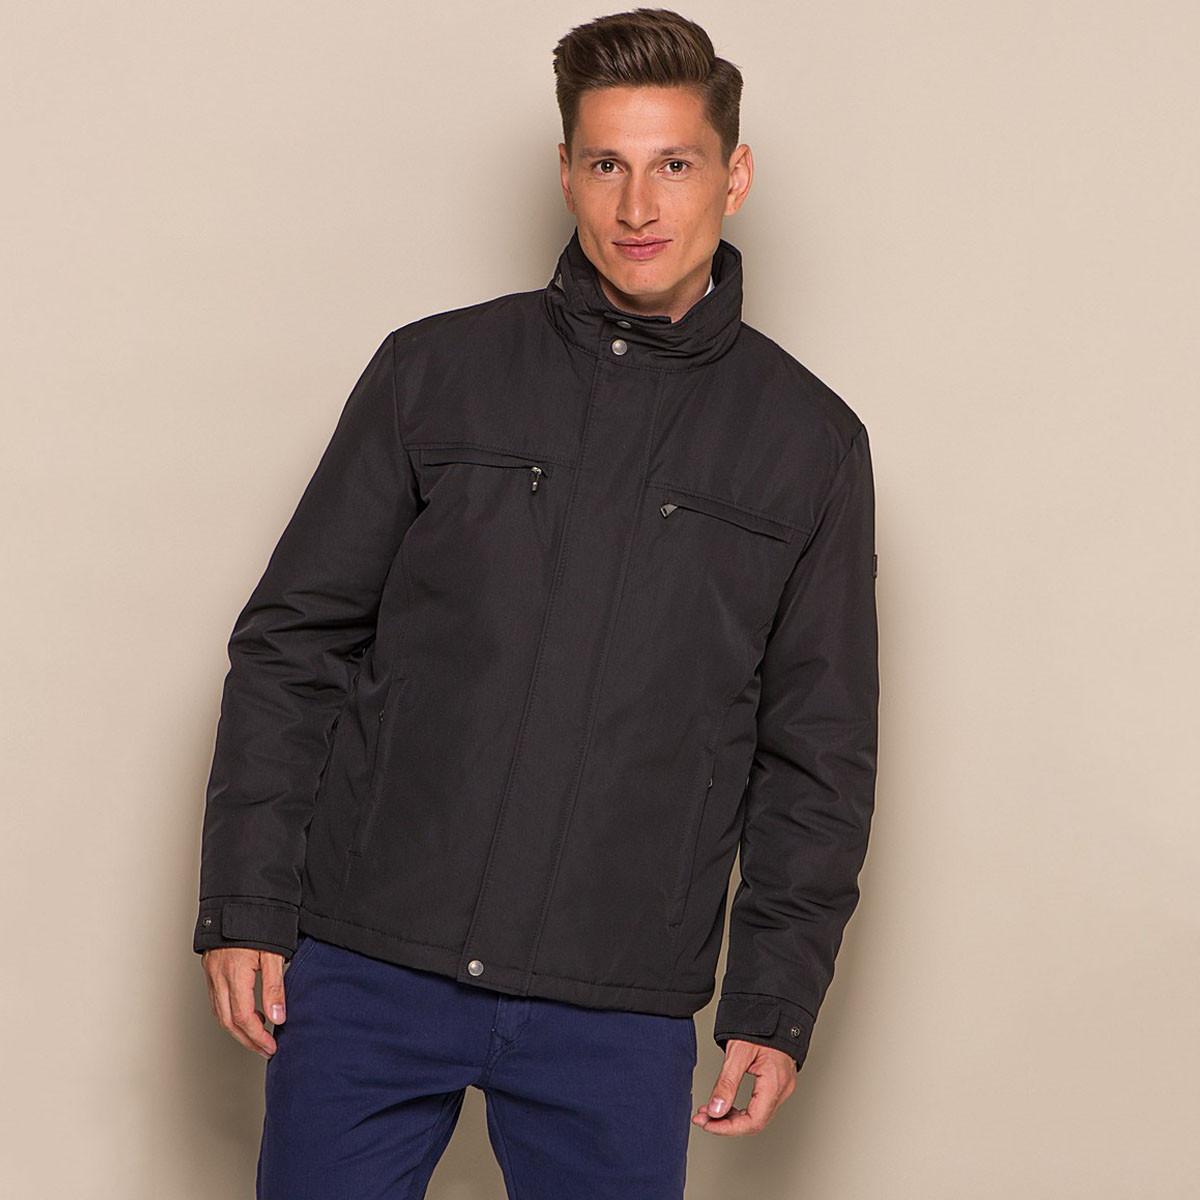 Куртка мужская Geox M4420G BLACK (48)